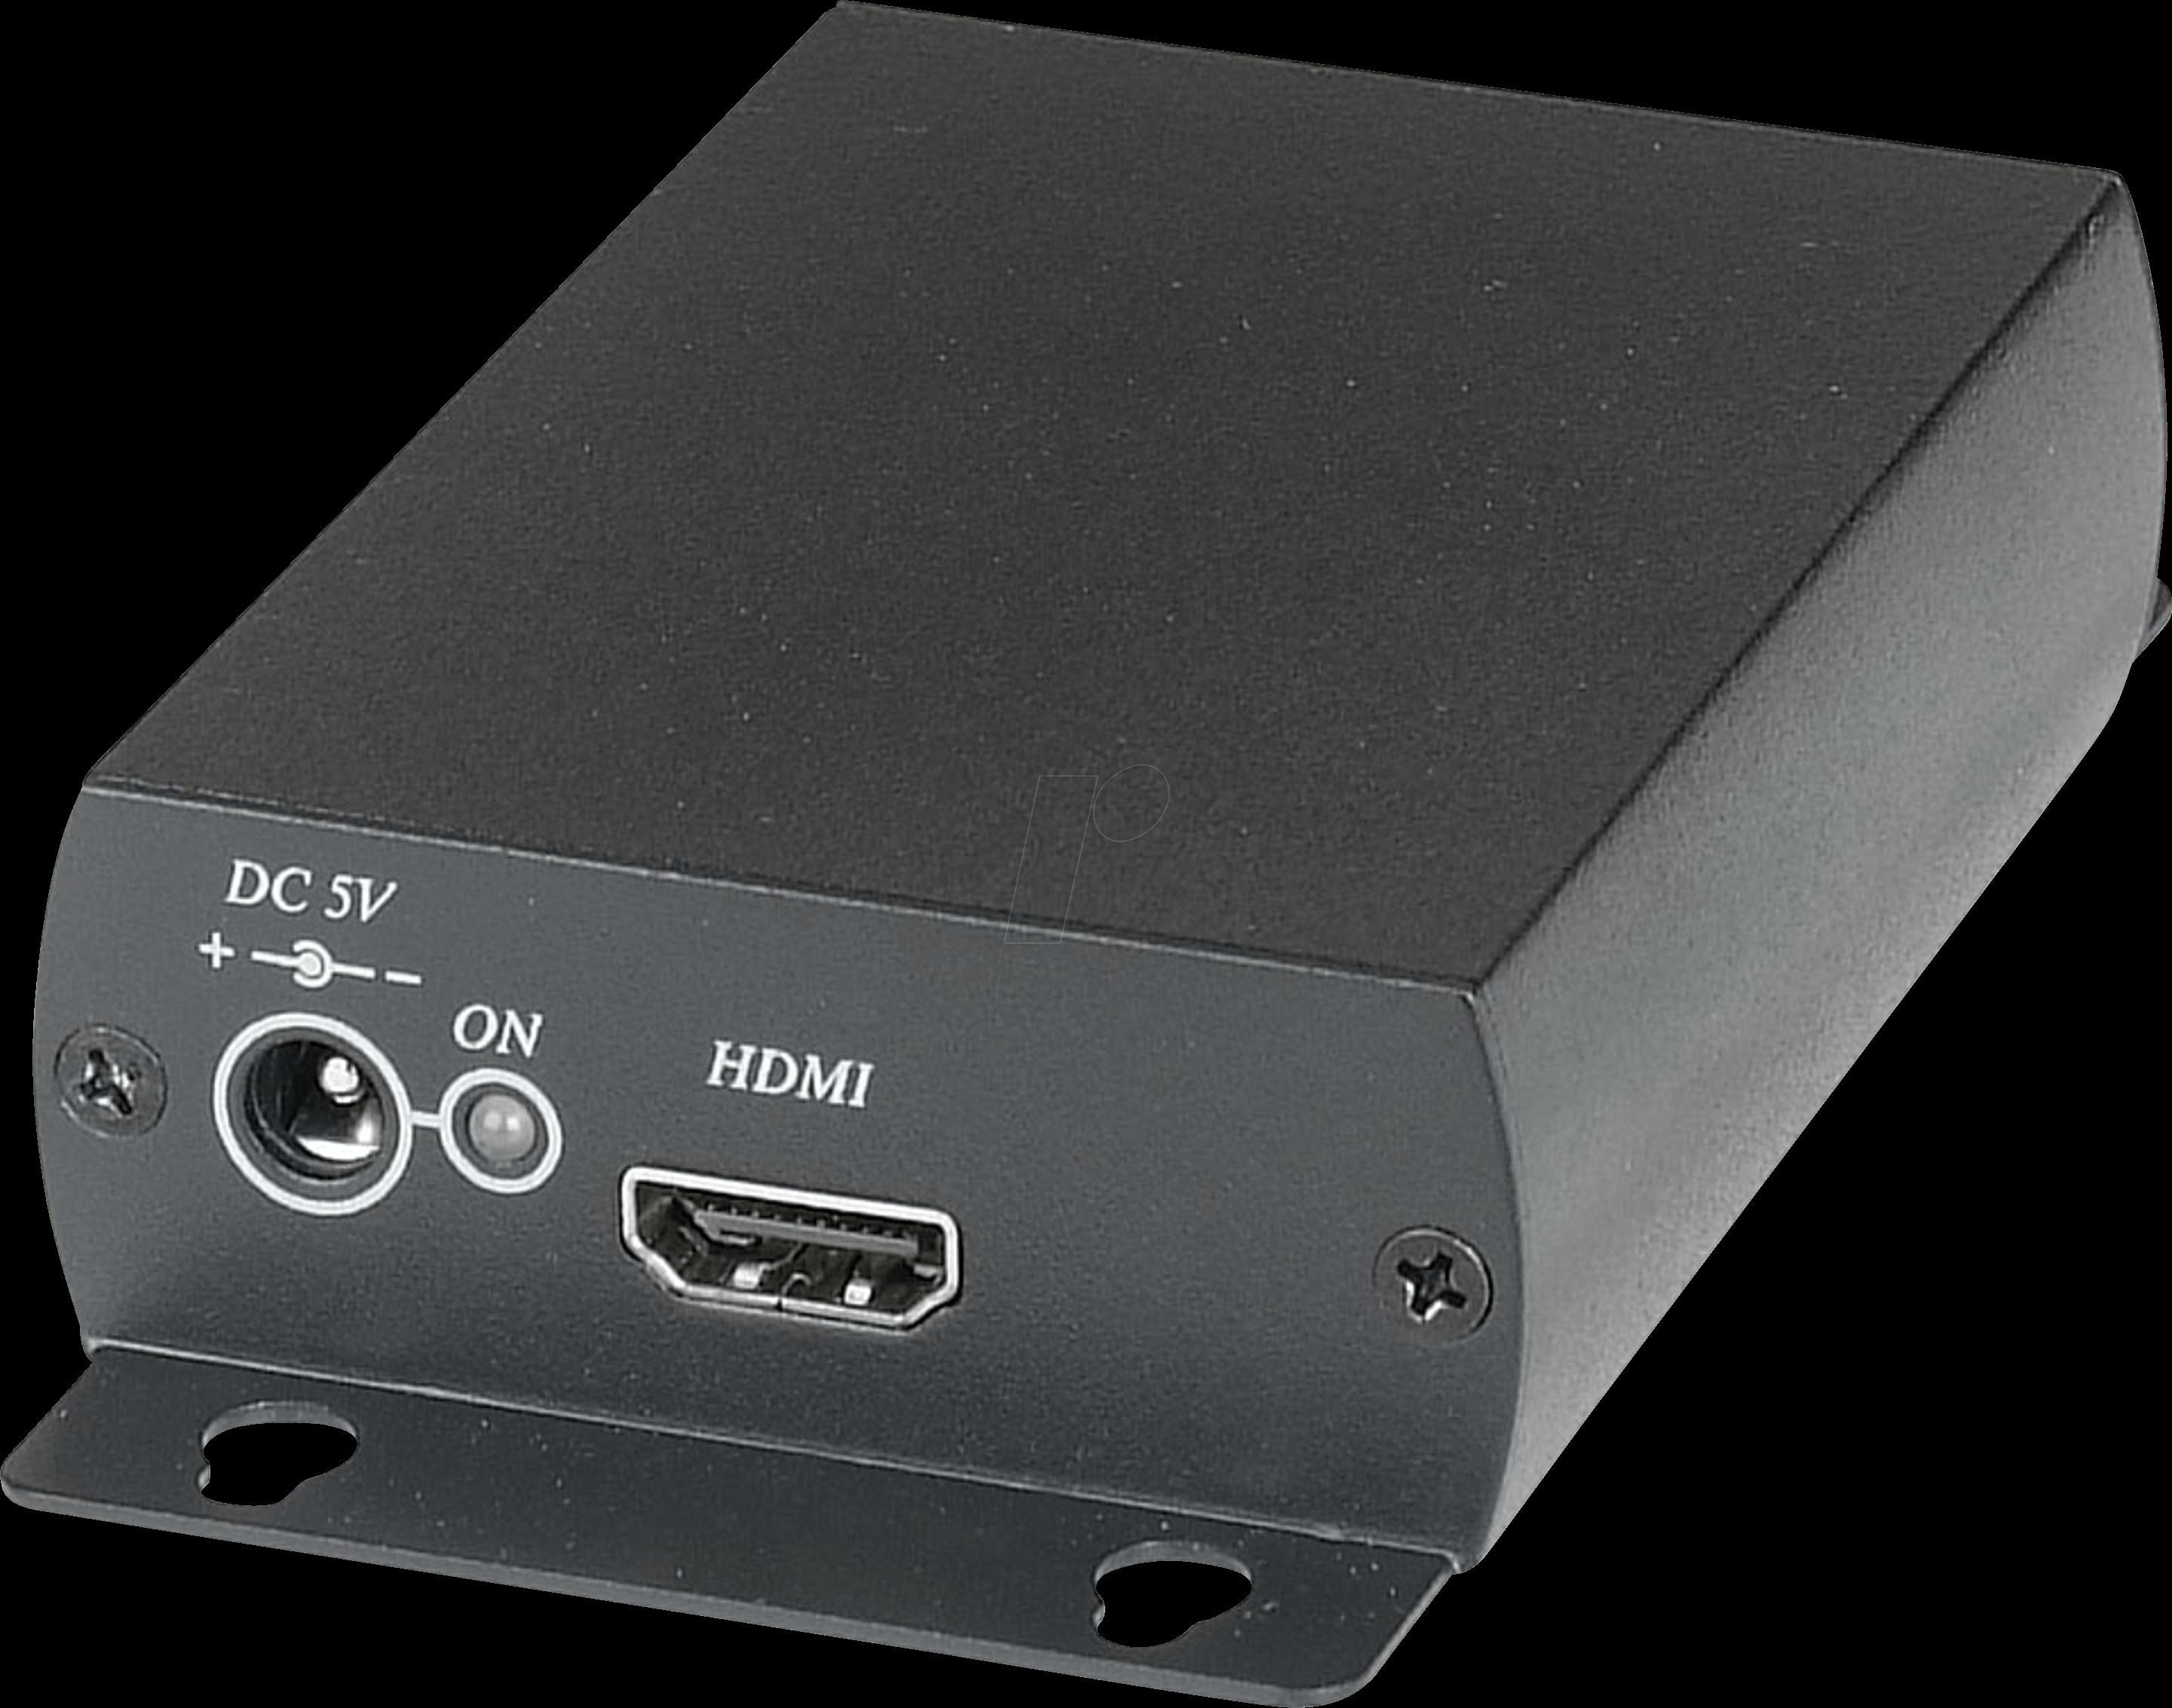 https://cdn-reichelt.de/bilder/web/xxl_ws/E910/SDI-HDMI_02.png